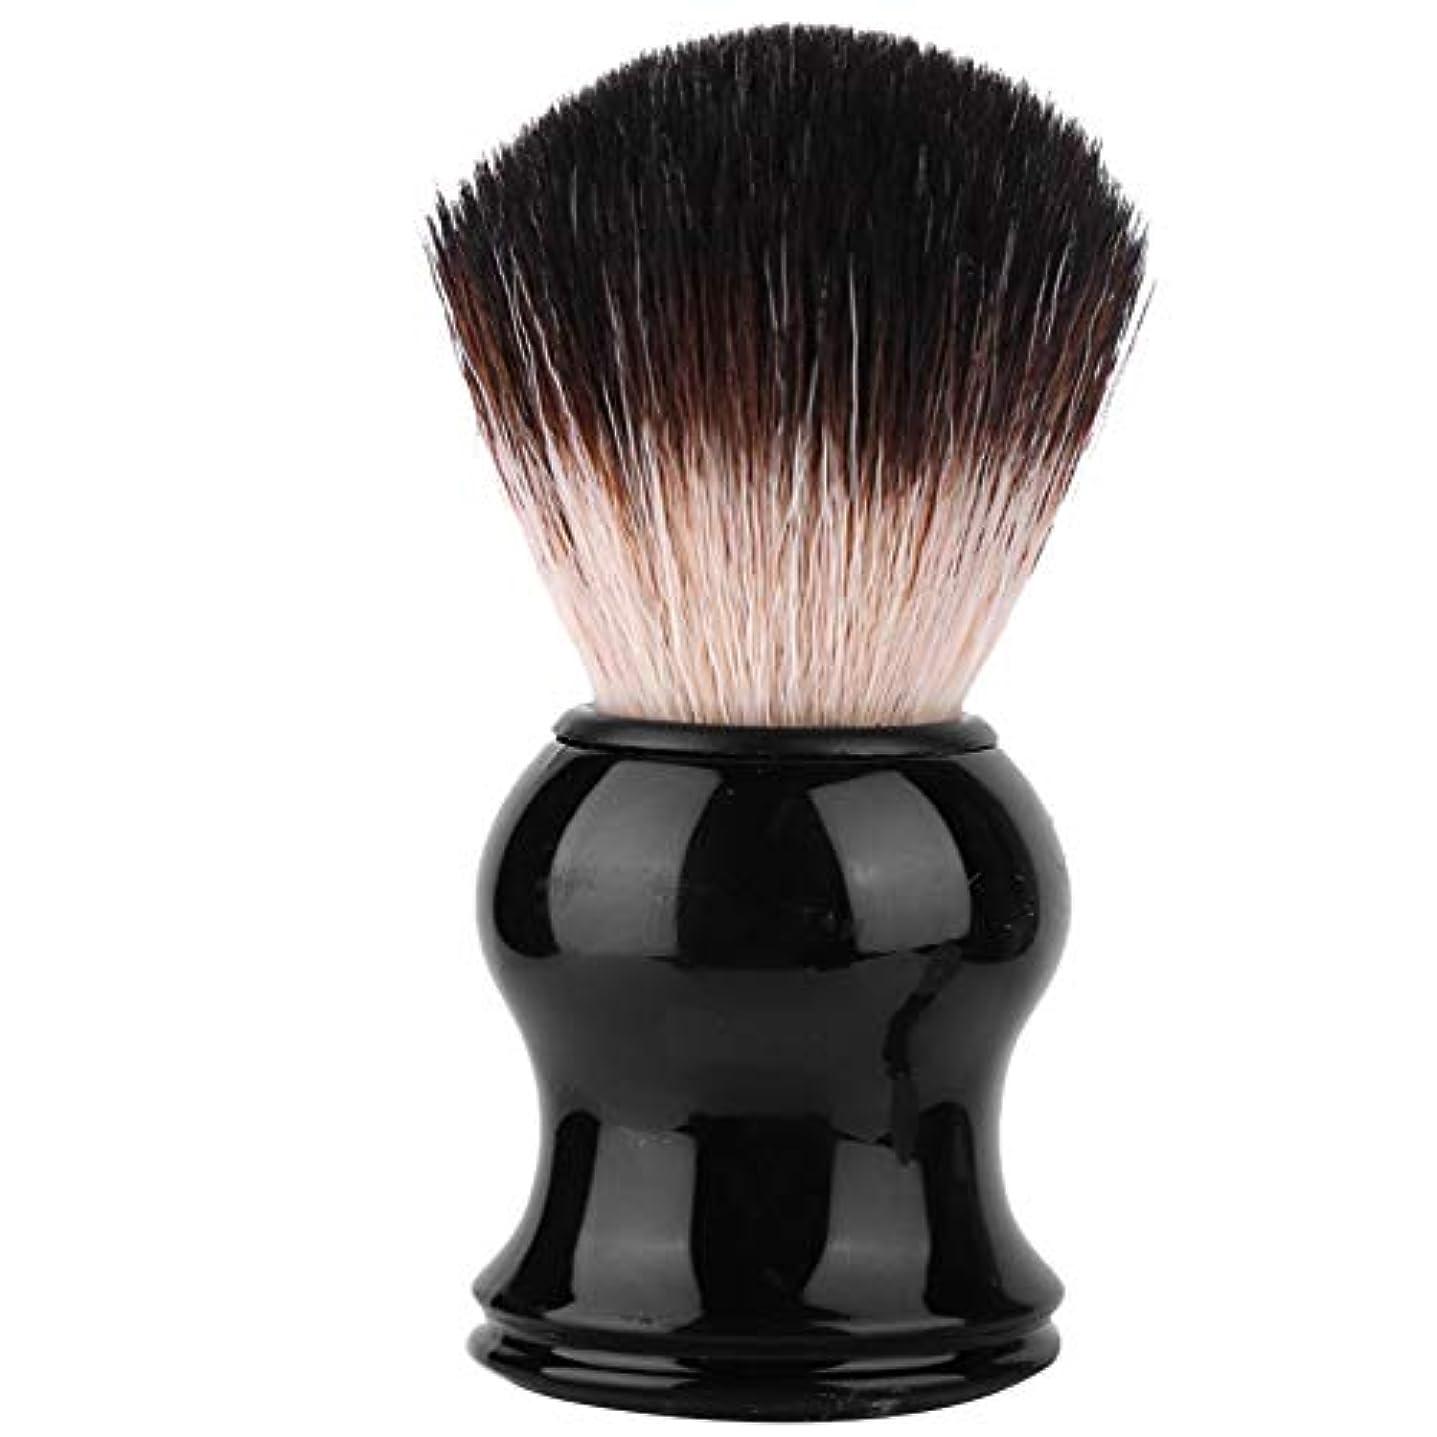 ソフィー力コンベンションポータブルメンズソフトヘアシェービングブラシ絶妙なハンドル髭ブラシ理髪ツール個人用および業務用シェービングに最適(3#)